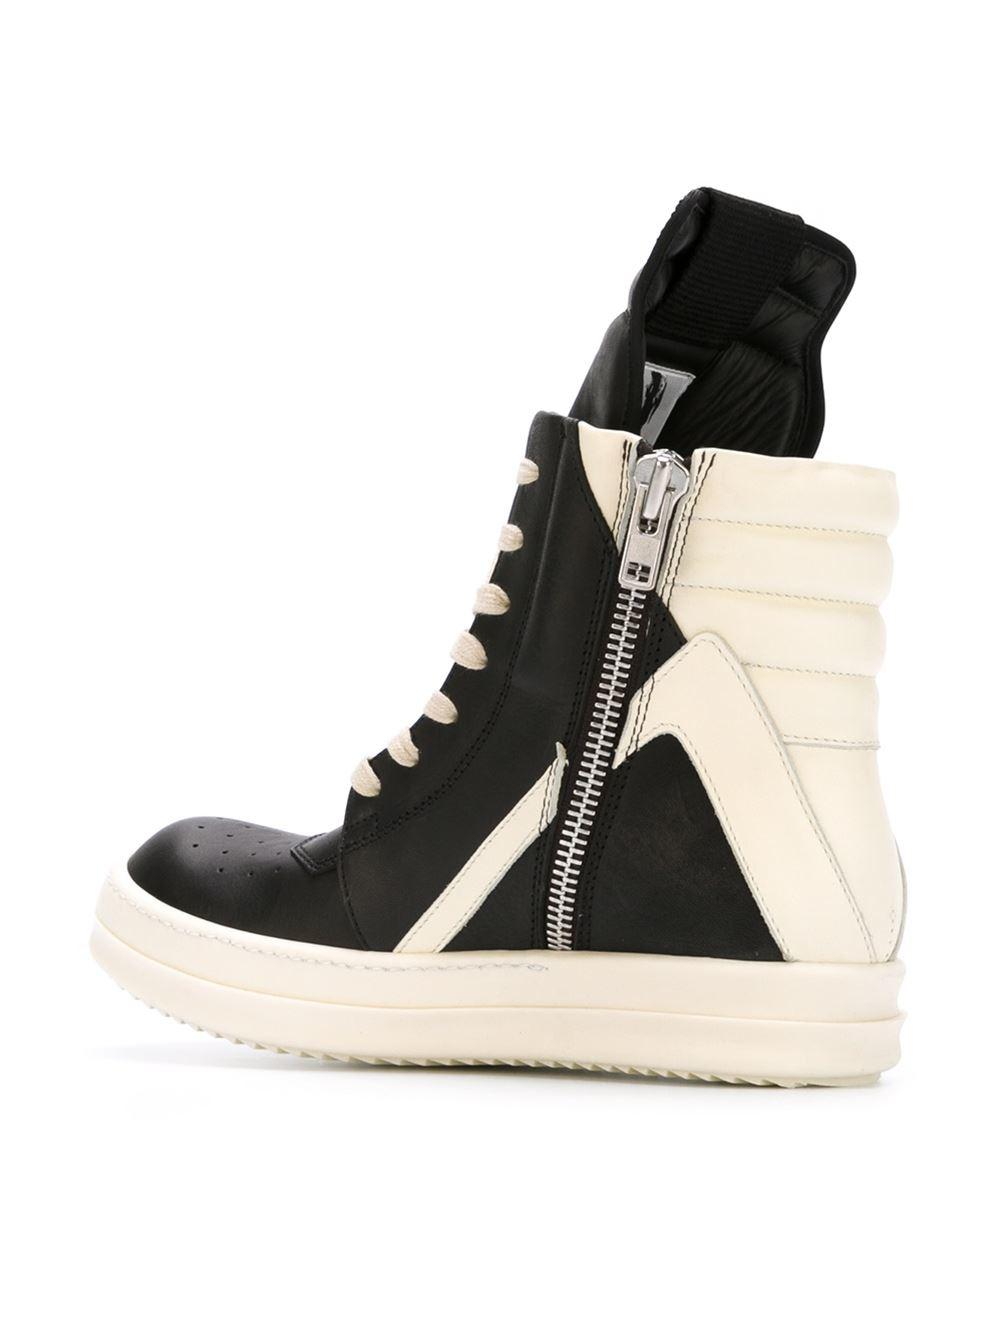 rick owens geobasket hi top sneakers in black lyst. Black Bedroom Furniture Sets. Home Design Ideas